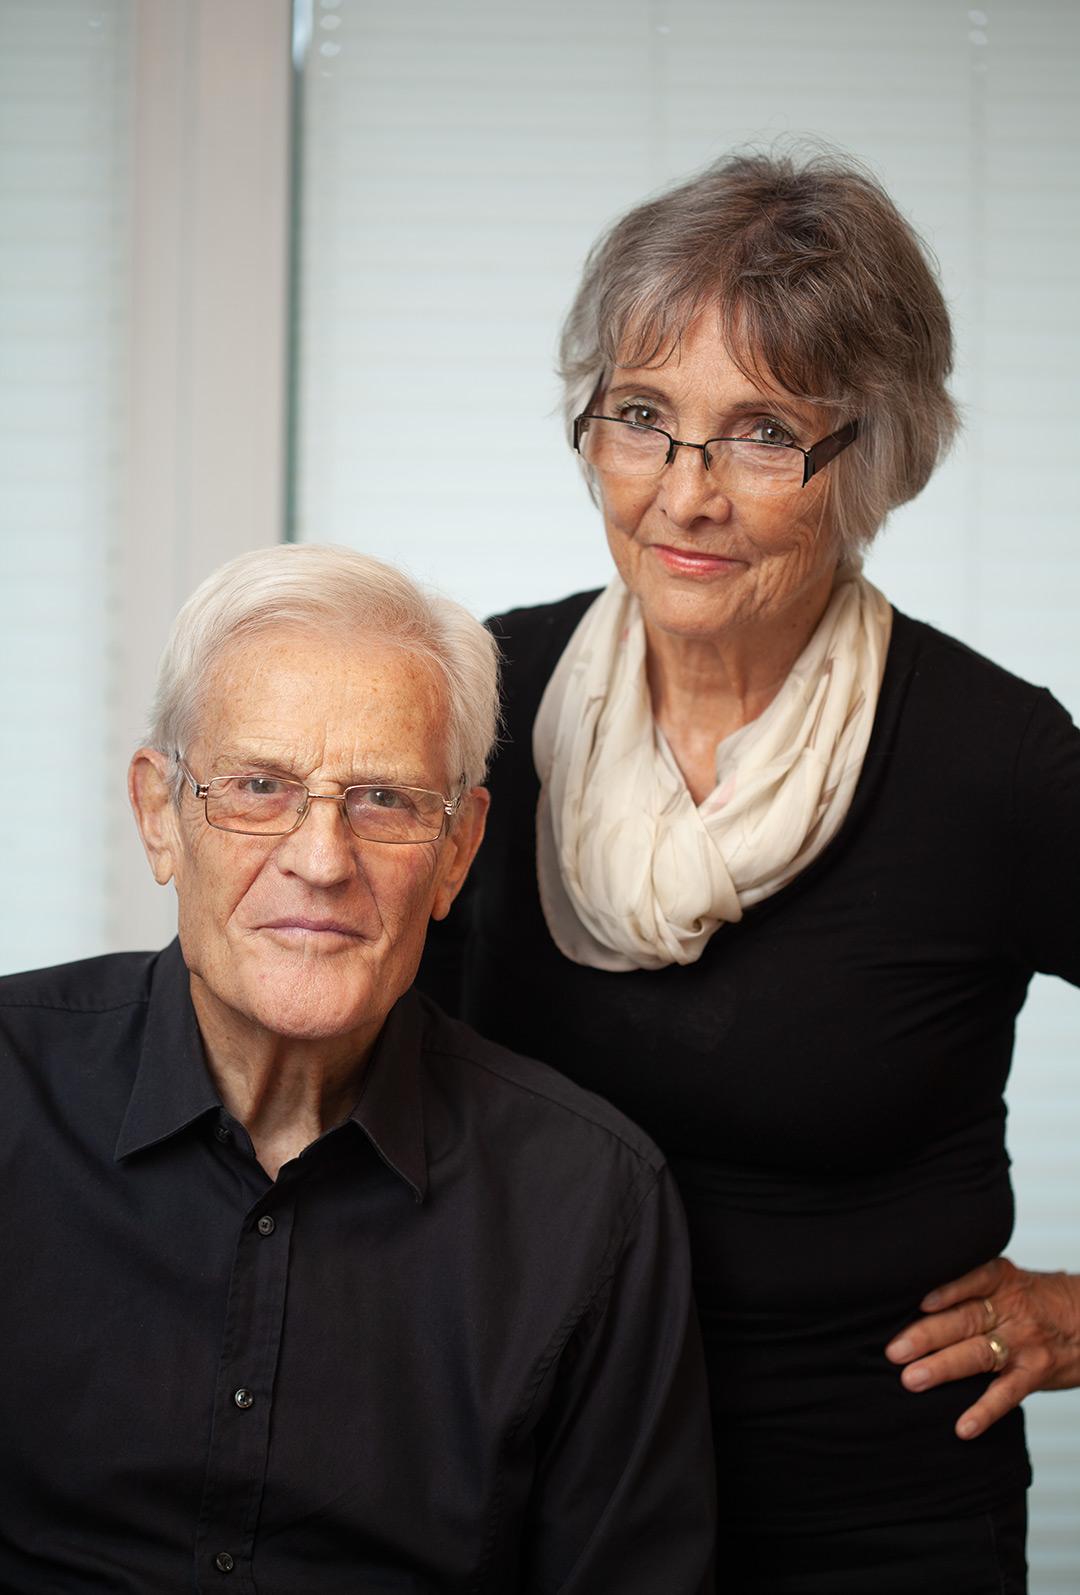 Potraitfoto Karla R.-M. und Volker M.